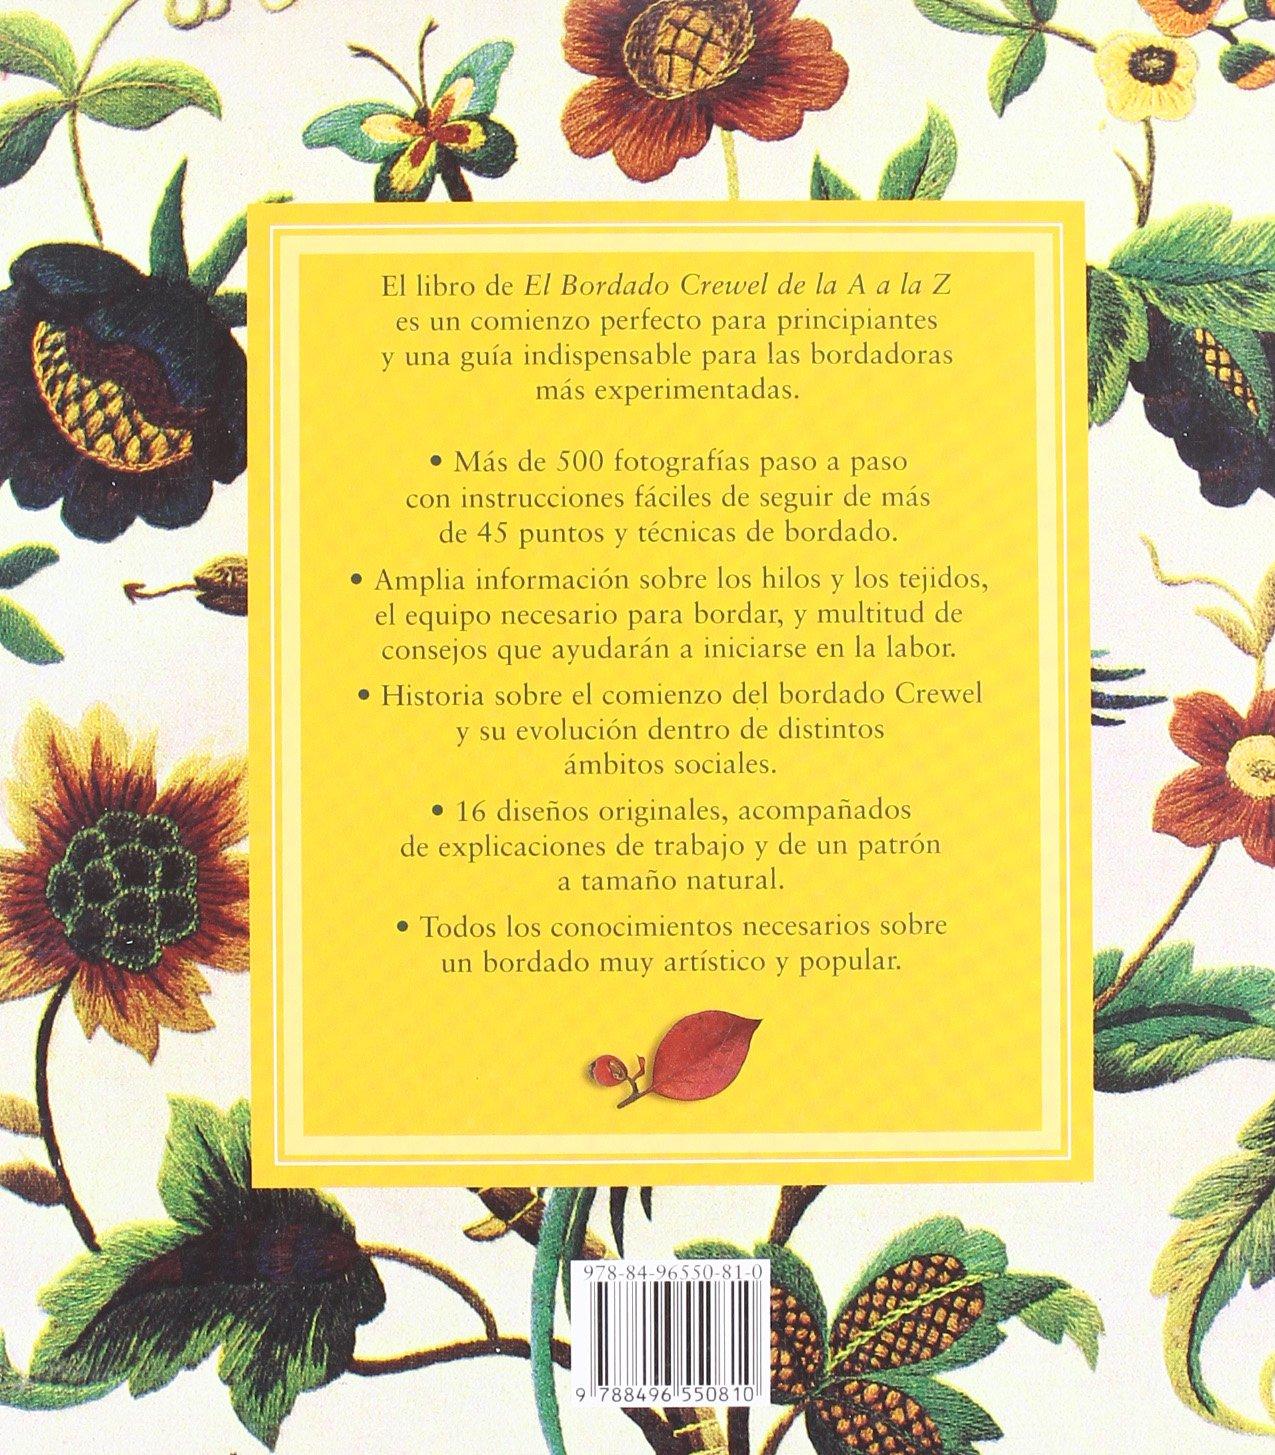 El Bordado Crewel De La a La Z: Unknown: 9788496550810: Amazon.com: Books